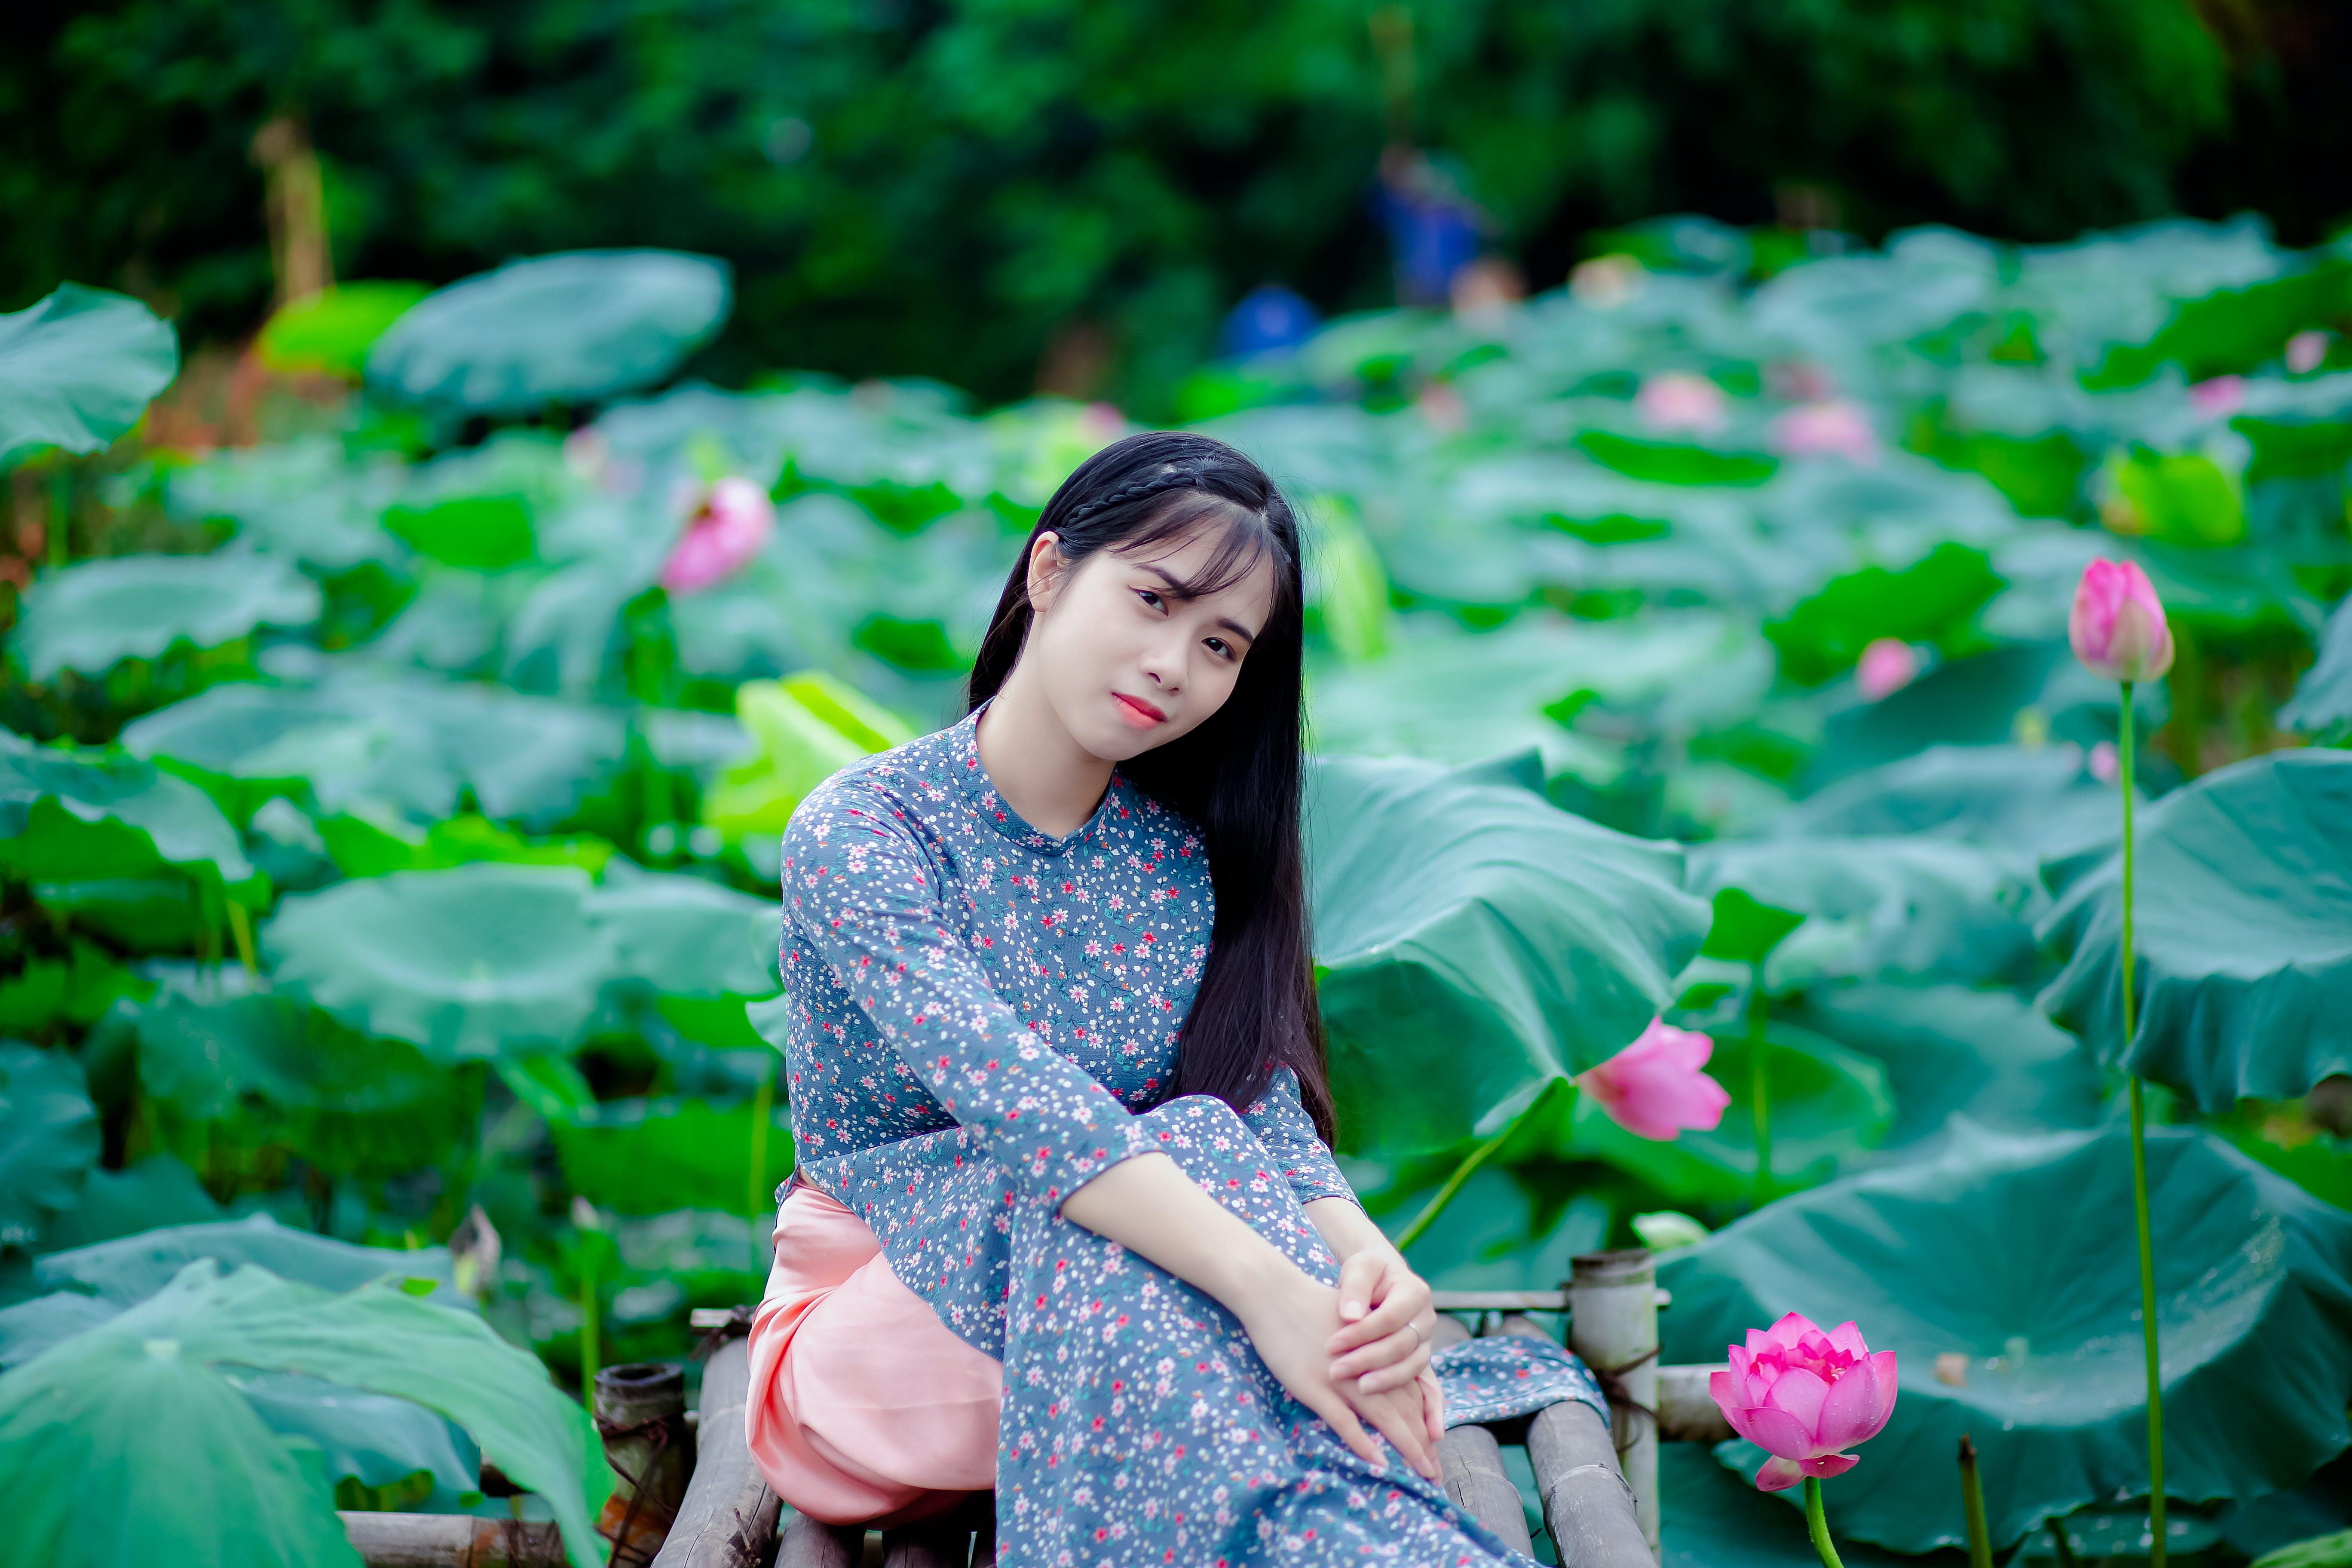 Gratis lagerfoto af asiatisk kvinde, Asiatisk pige, blomster, flora